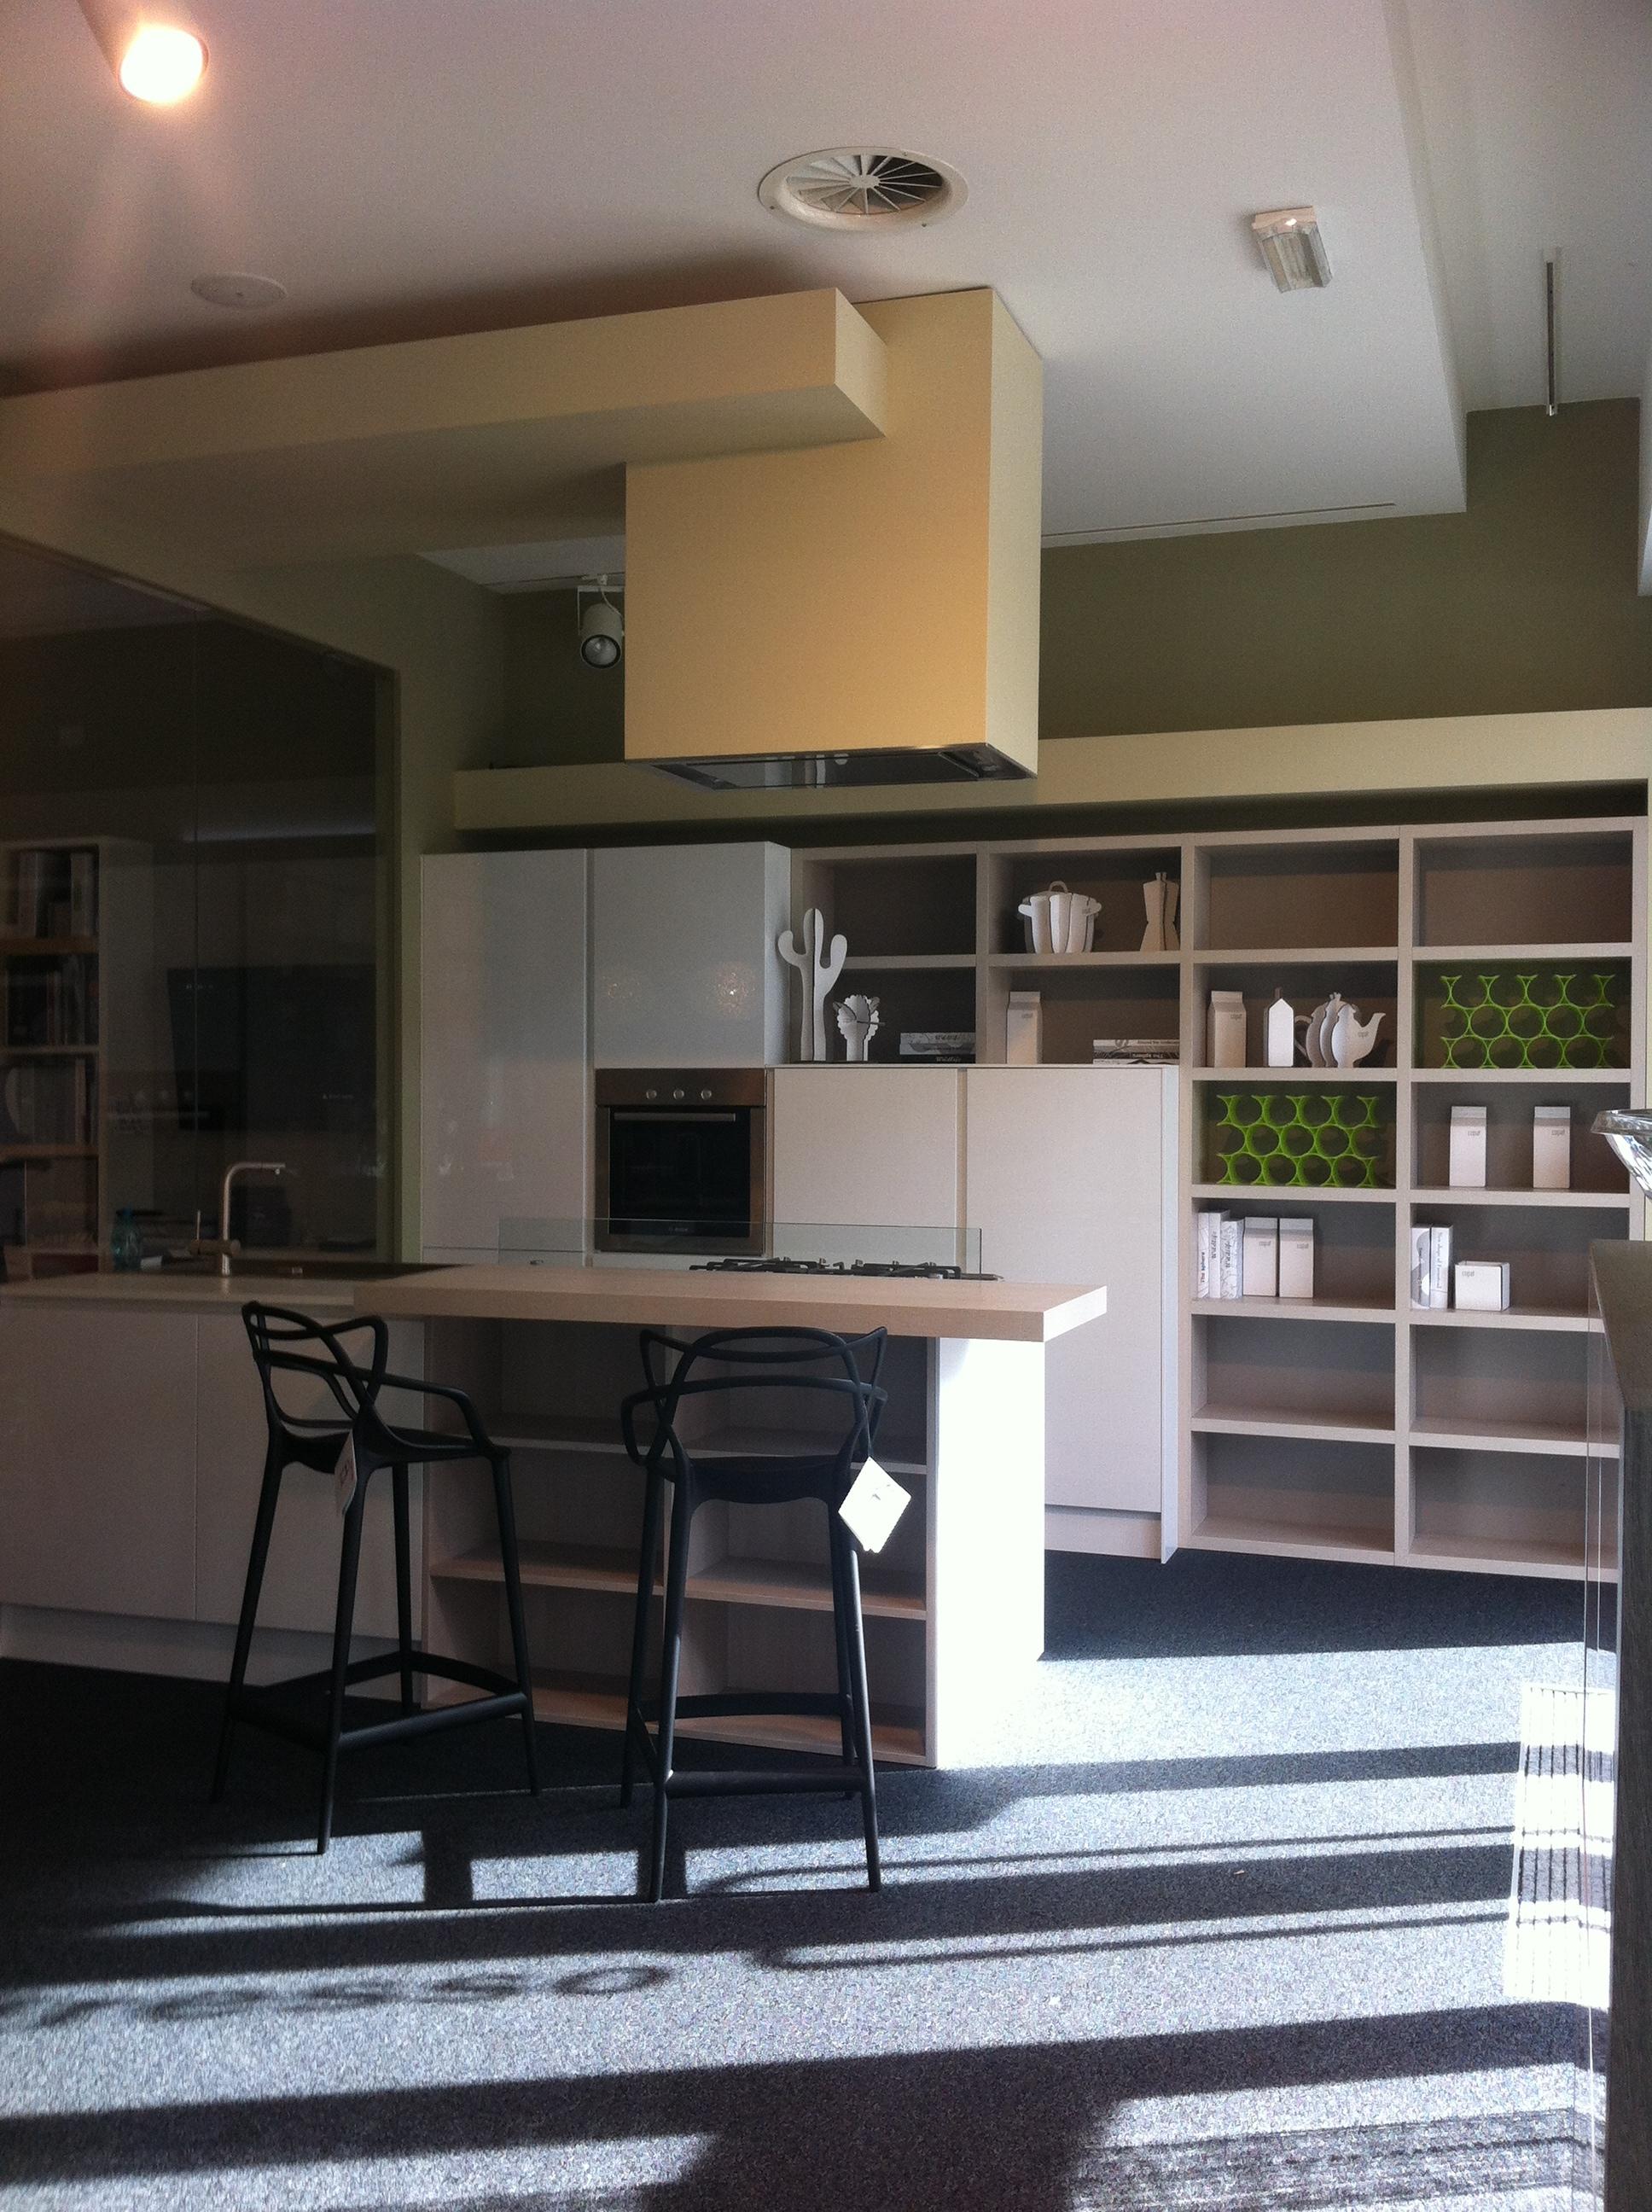 Cucina con penisola e zona libreria cucine a prezzi scontati - Cucina angolare con penisola ...